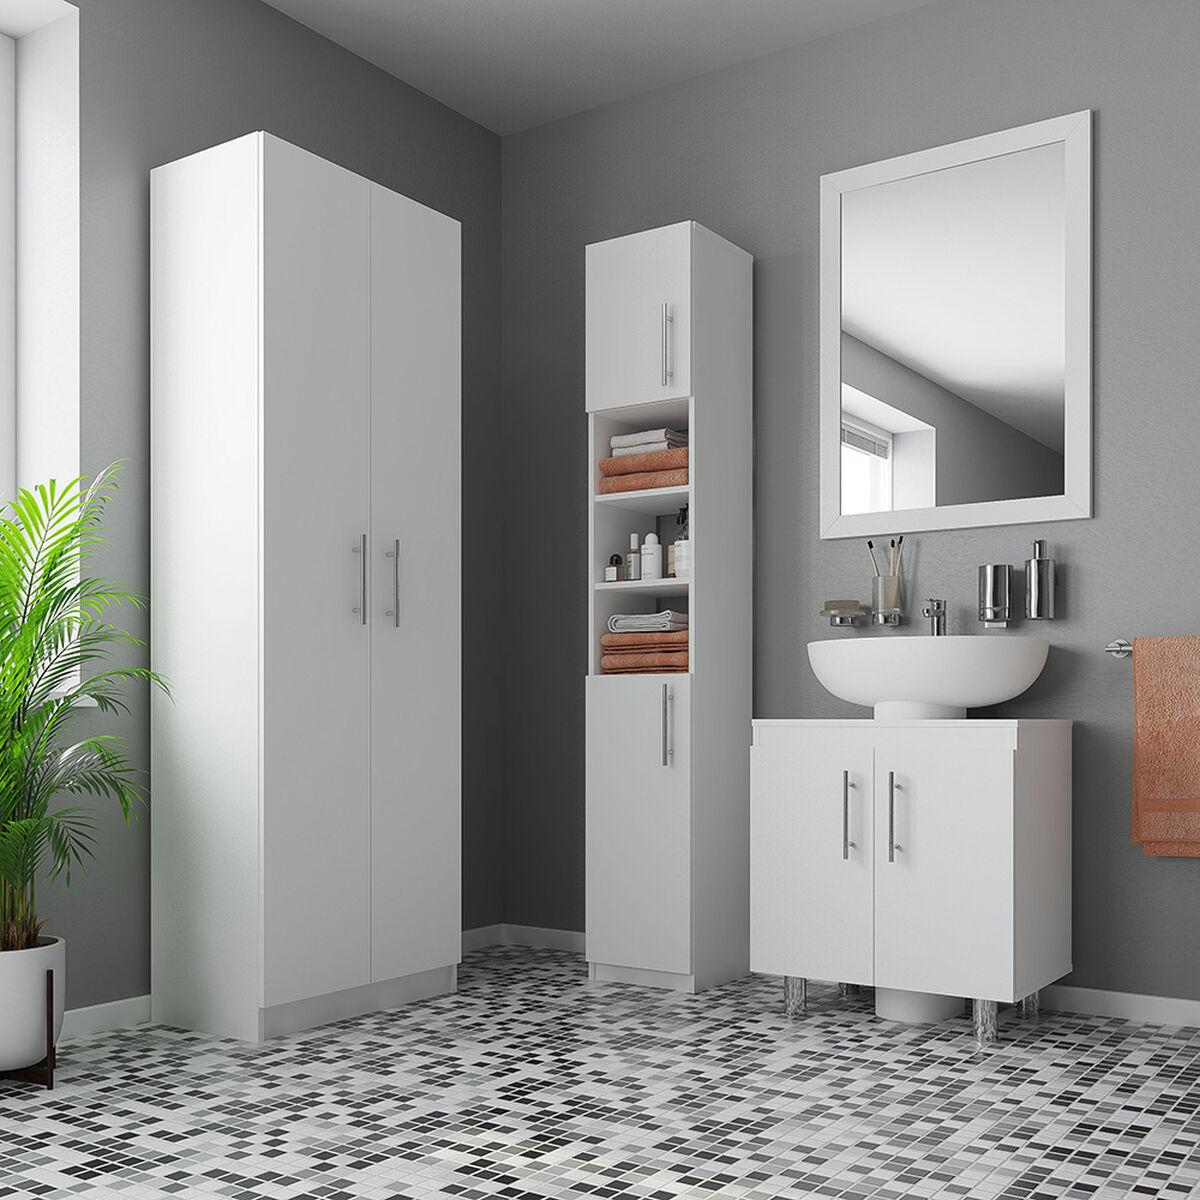 Mueble de Baño Organizador CIC 2 Puertas